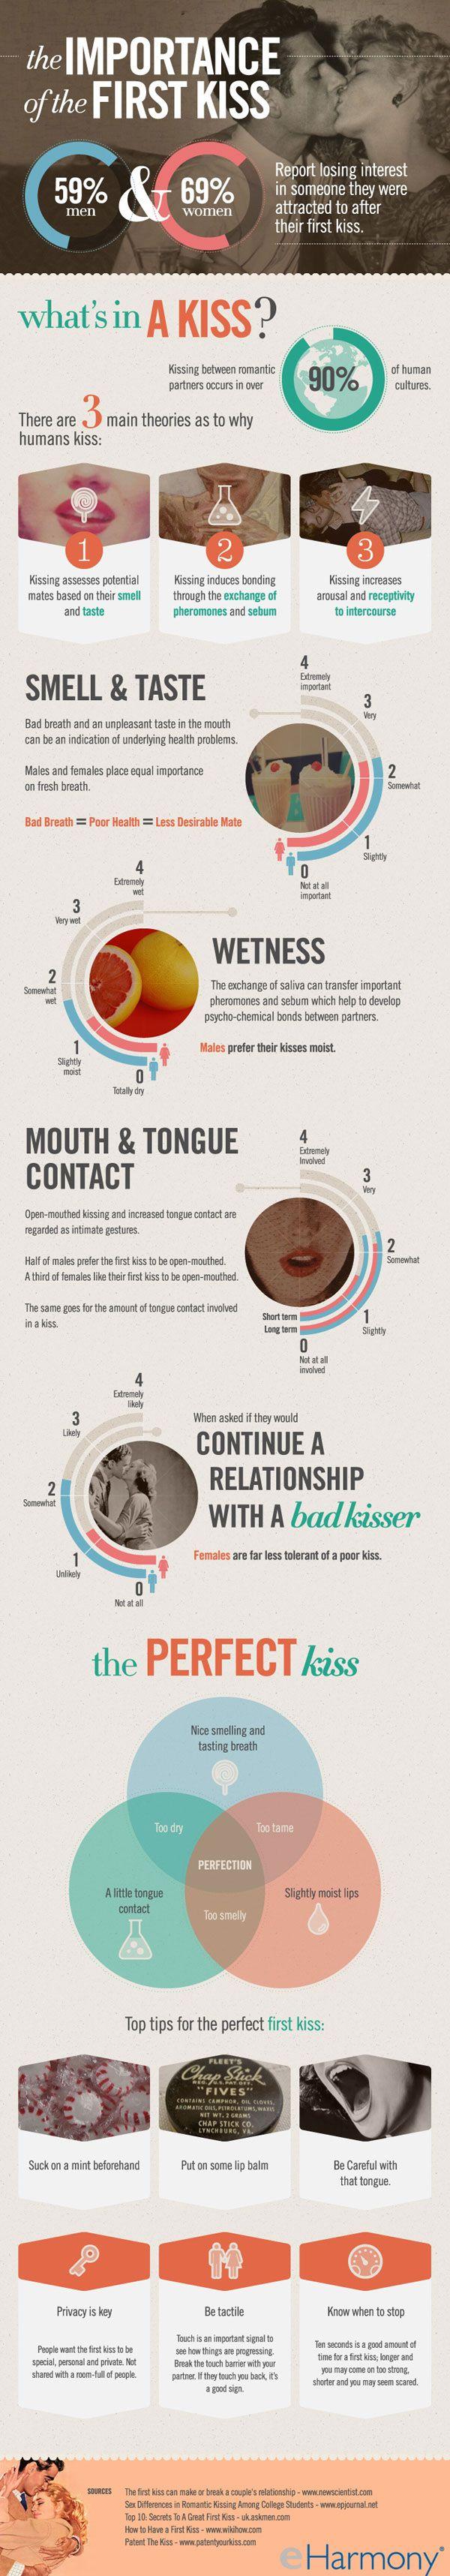 La importancia del primer beso